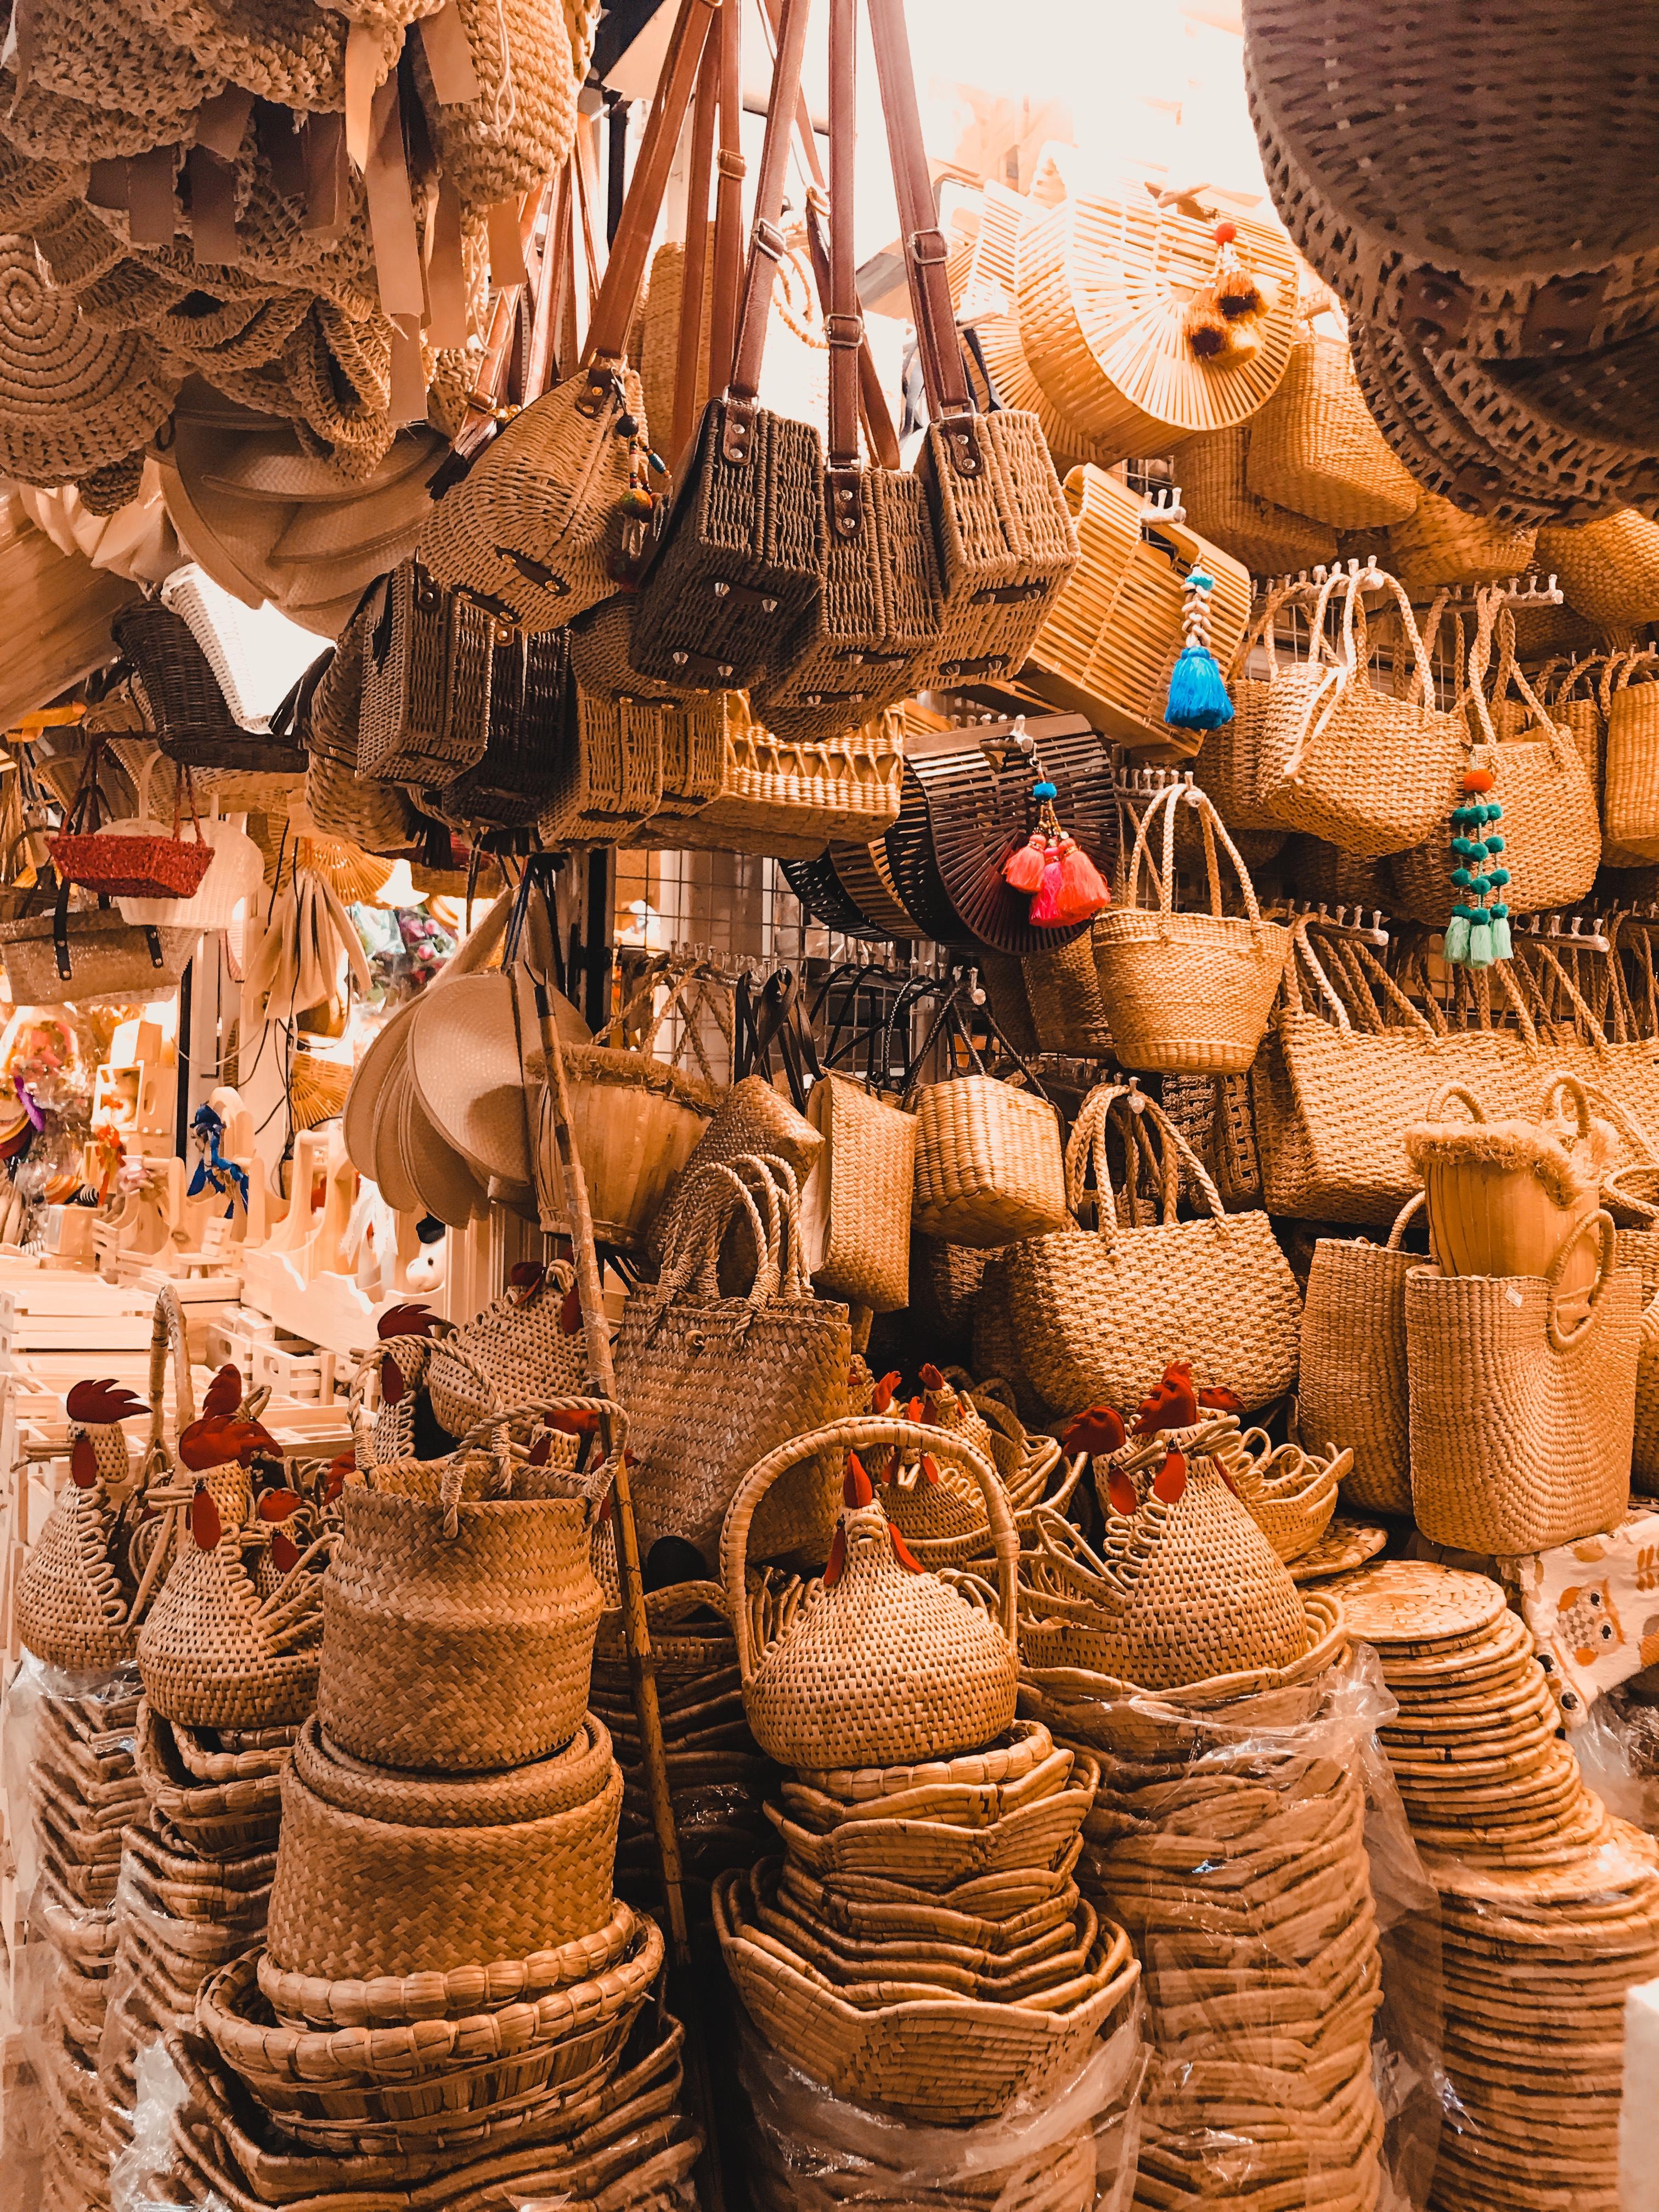 rattan bags at Chatuchak market Bangkok